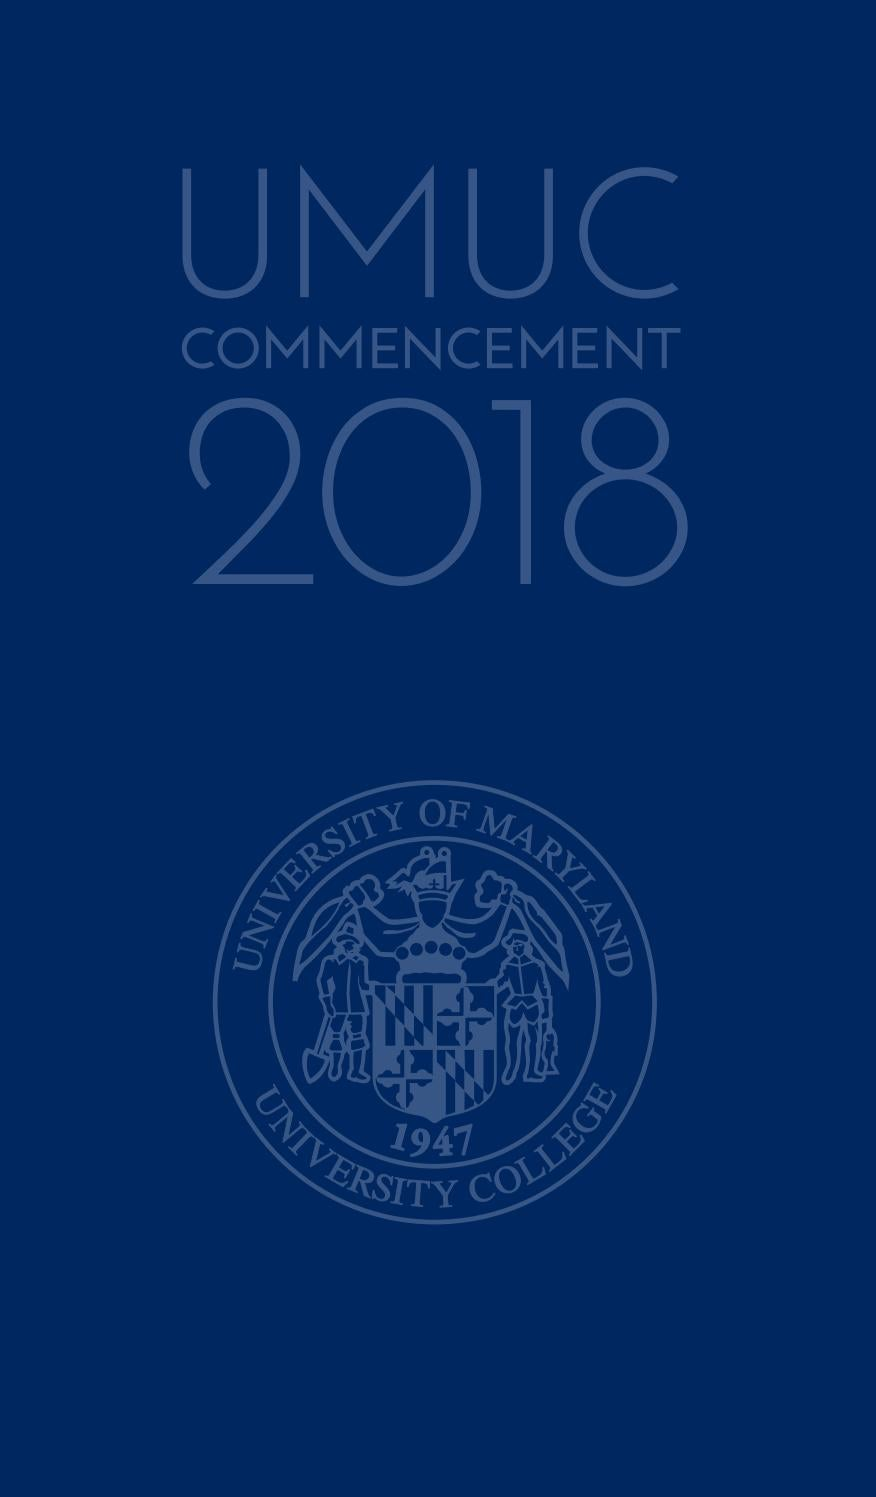 0e7c3847b8 UMUC Commencement Program 2018 by University of Maryland University College  - issuu